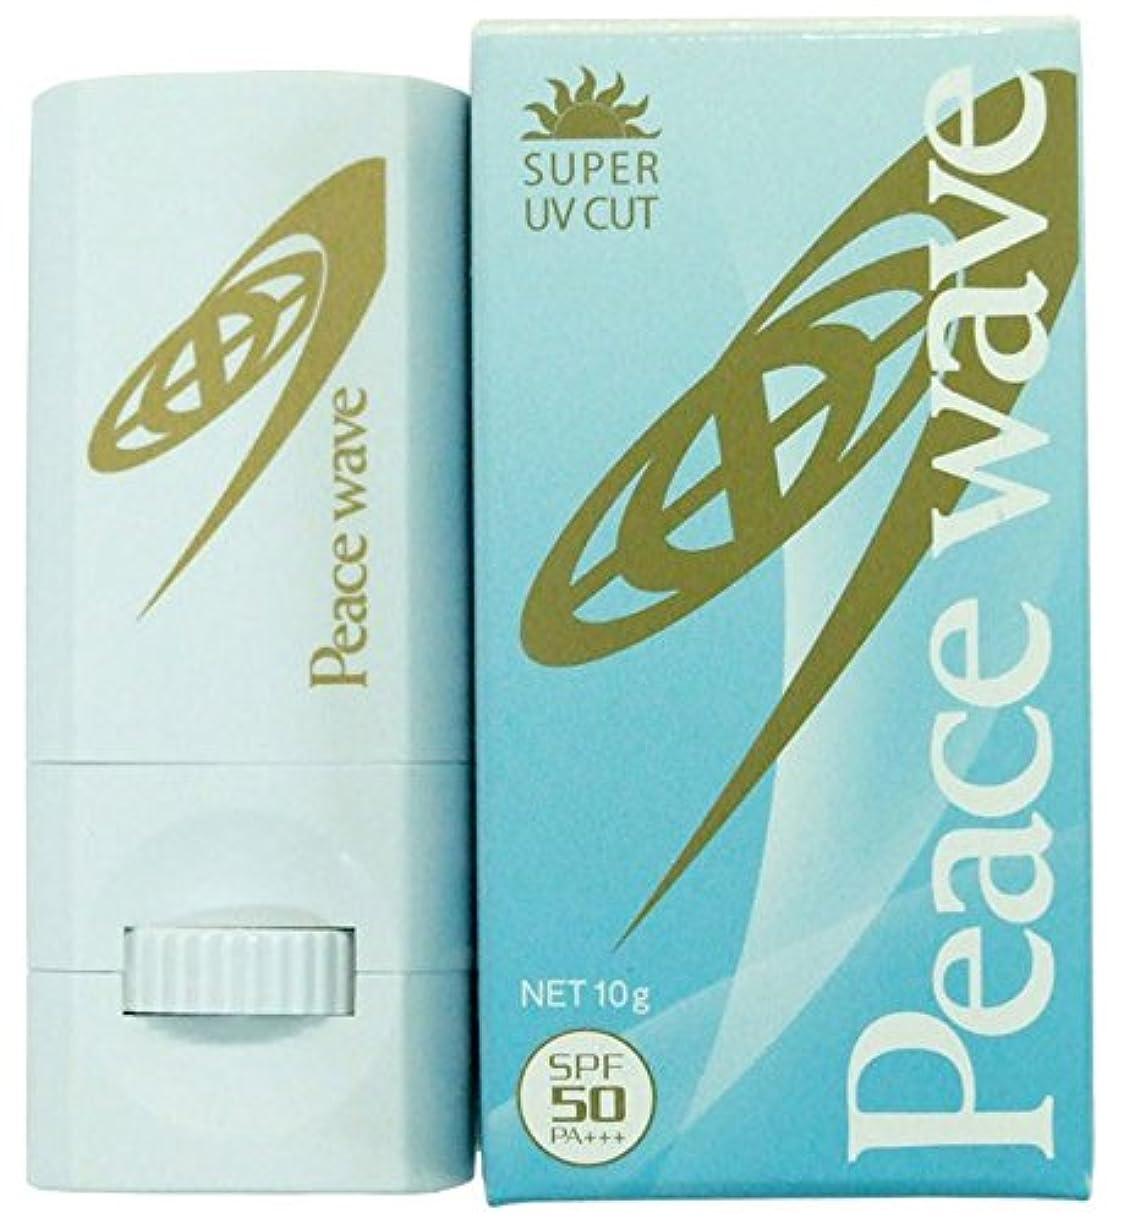 カーフ孤独な異常PEACE WAVE 日焼け止め UVフェイススティック SPF50 PA+++ クリア 10g 580267